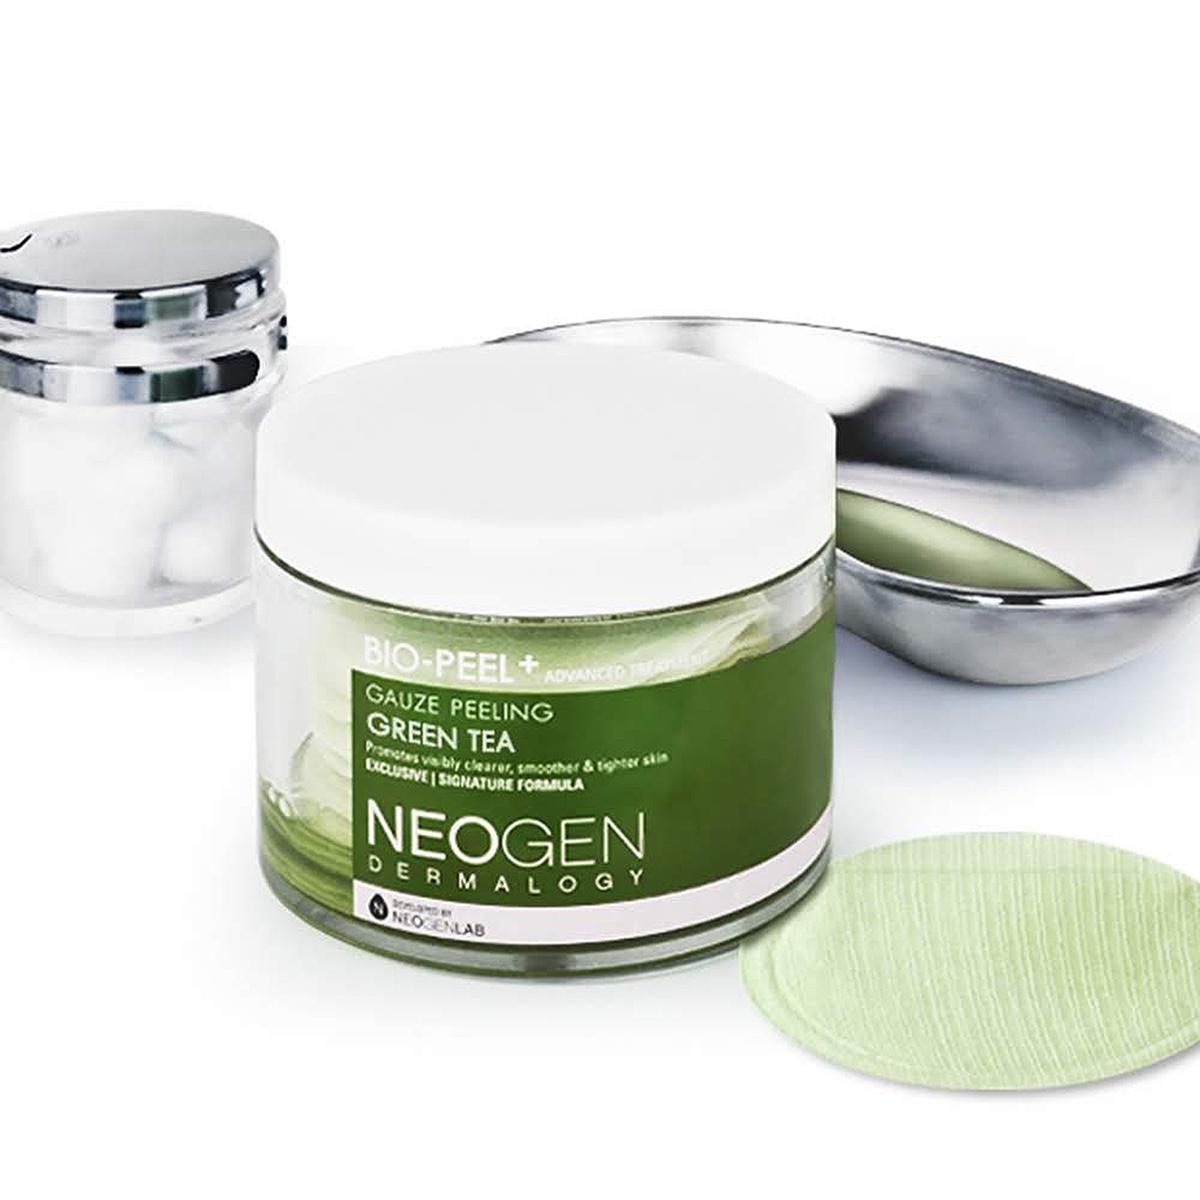 Neogen Dermalogy Bio-Peel Gauze Peeling Pads